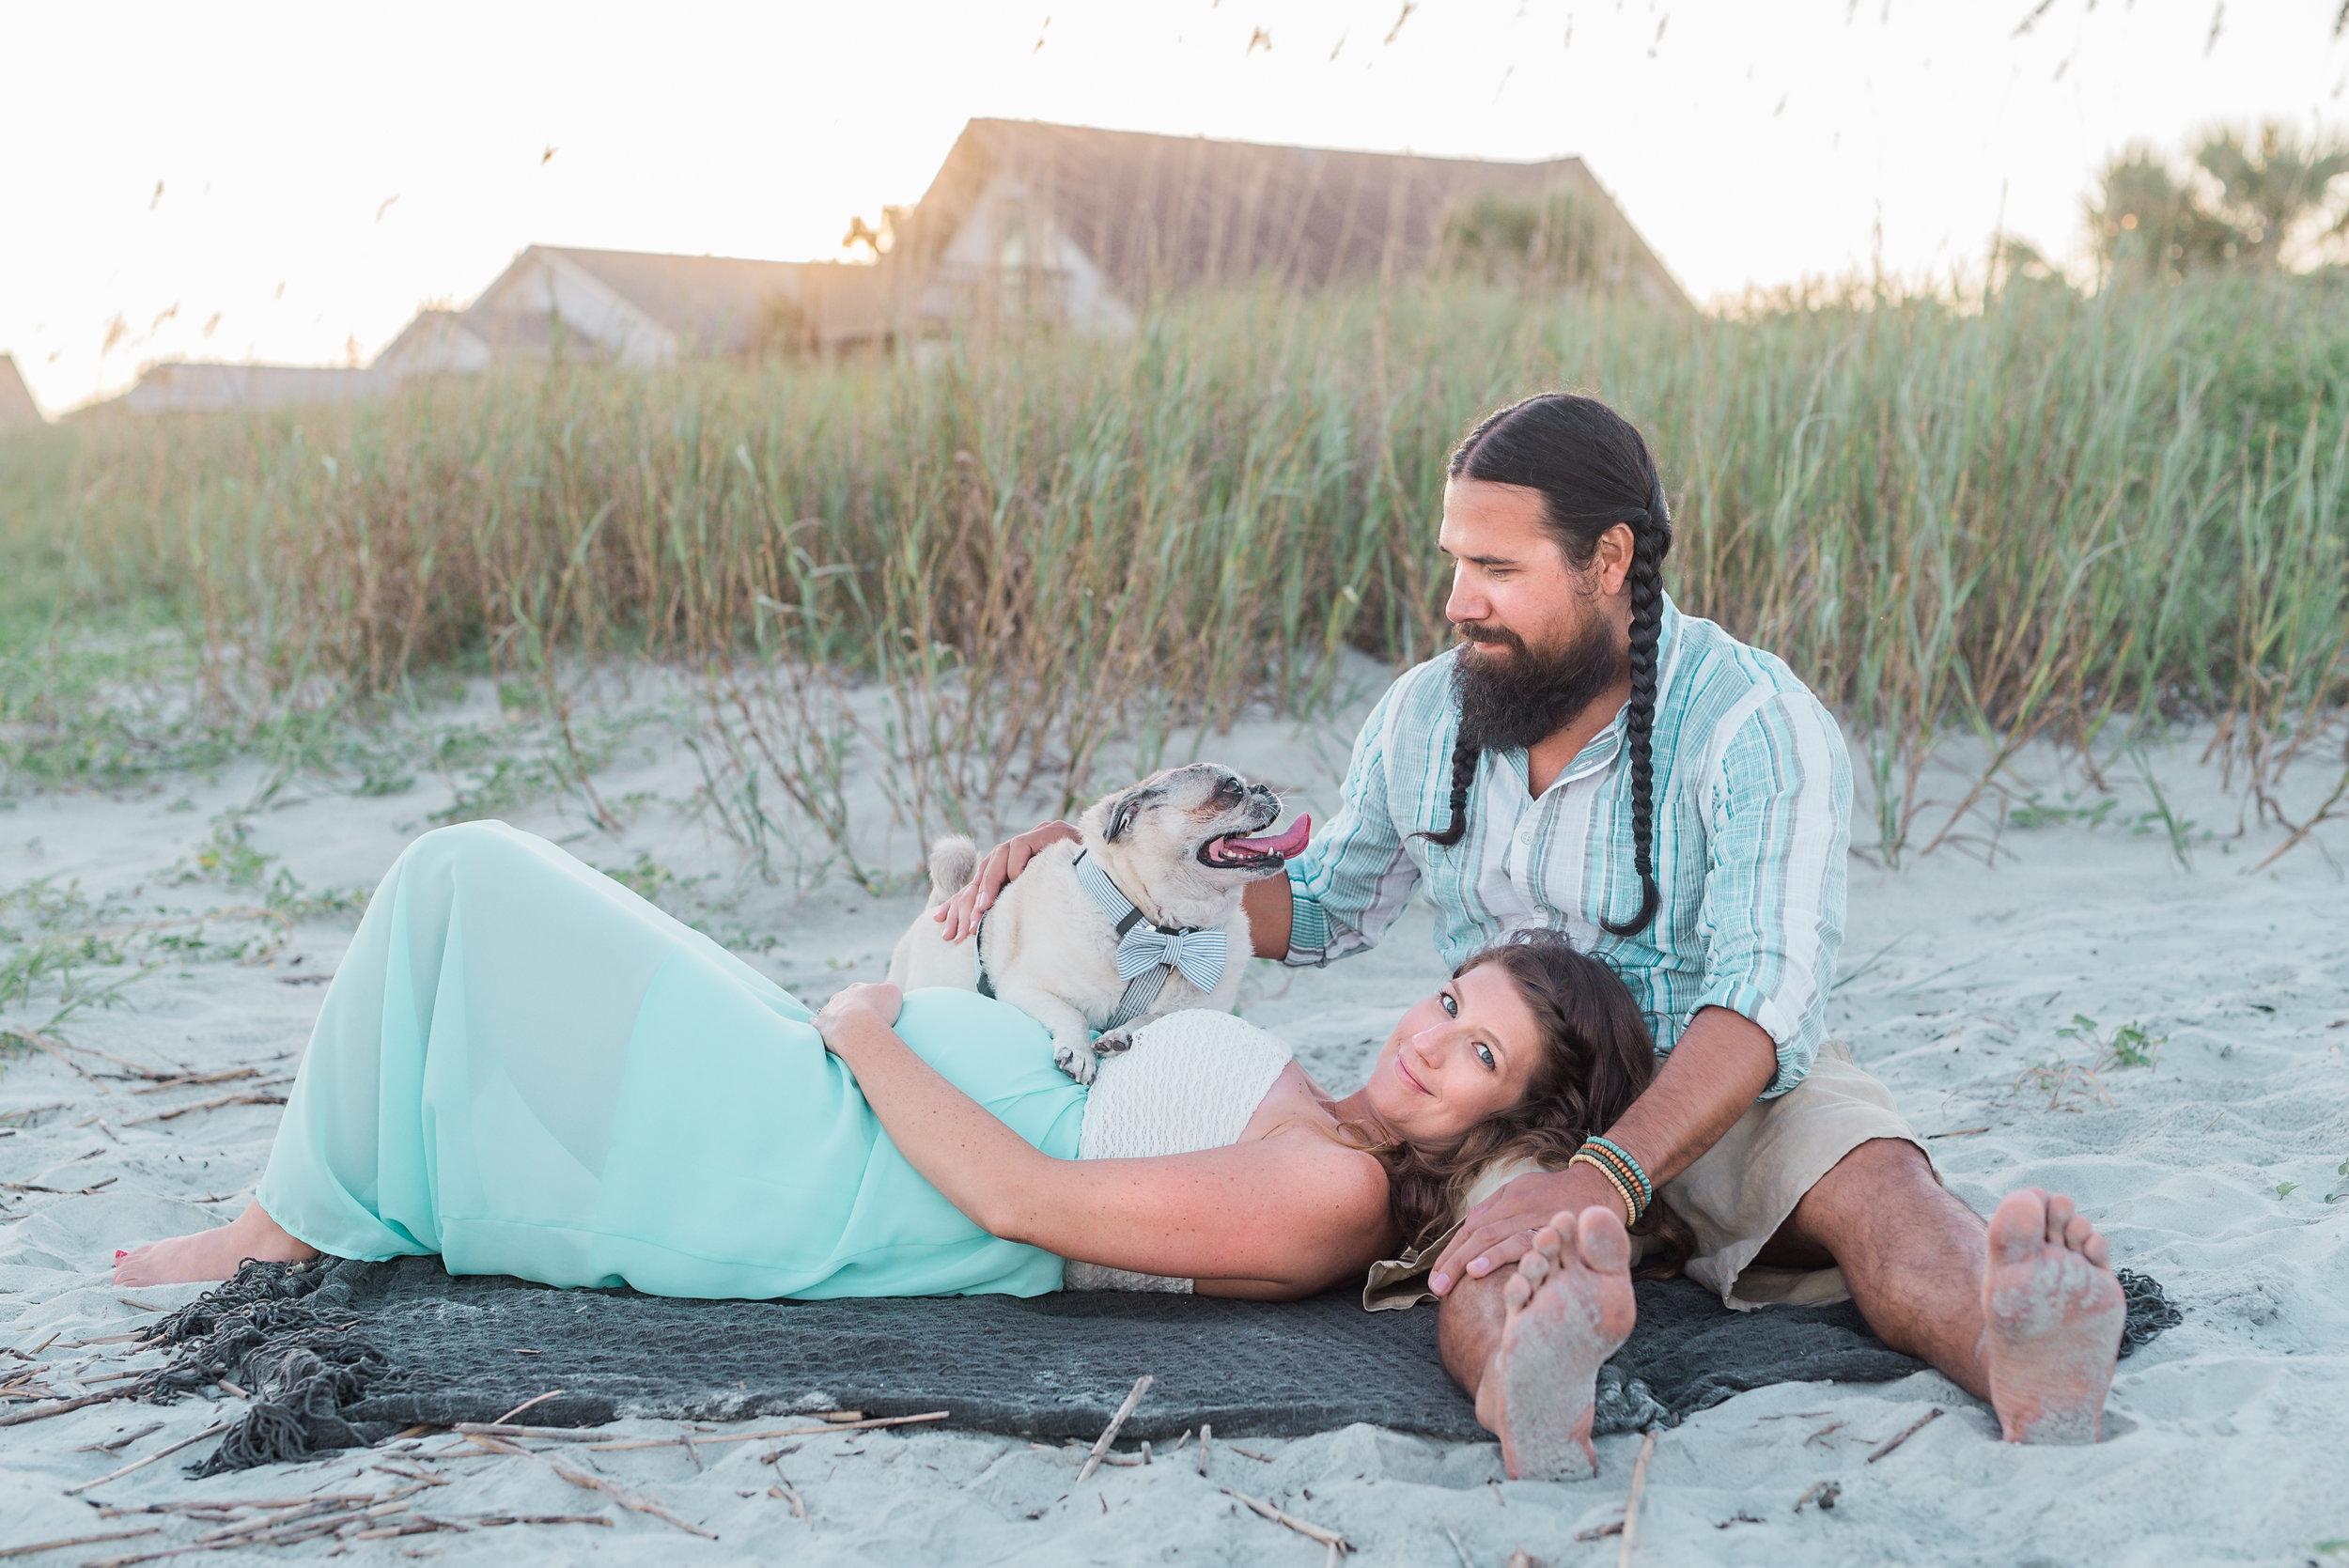 Folly-Beach-Maternity-Photographer-Following-Seas-Photography-2554 copy.jpg